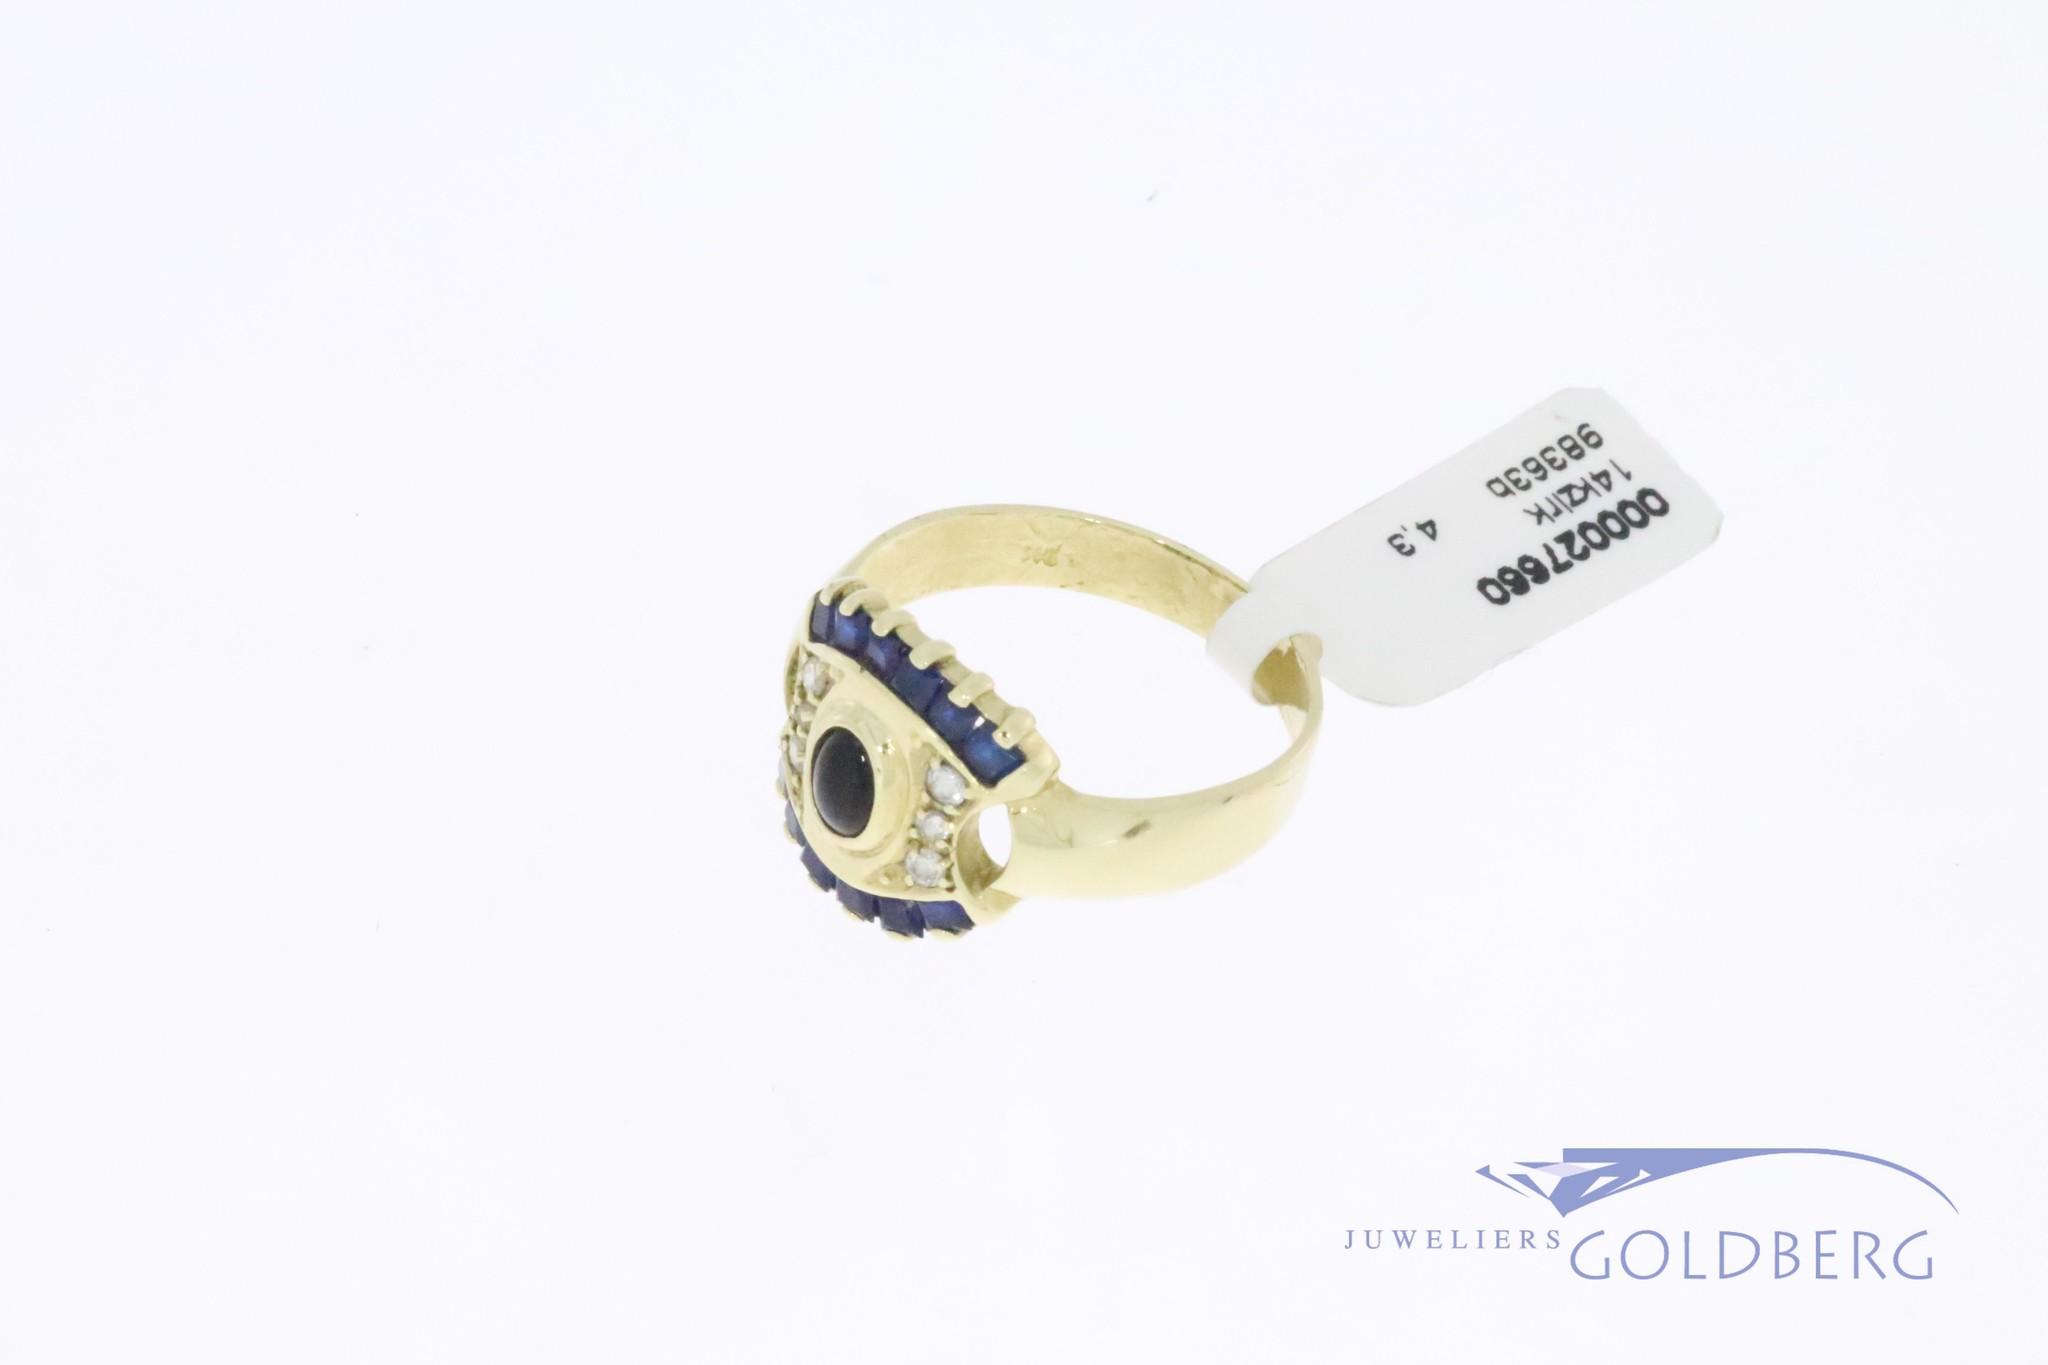 Brede 14k gouden vintage ring met zirconia's en synthetische blauwe saffiertjes